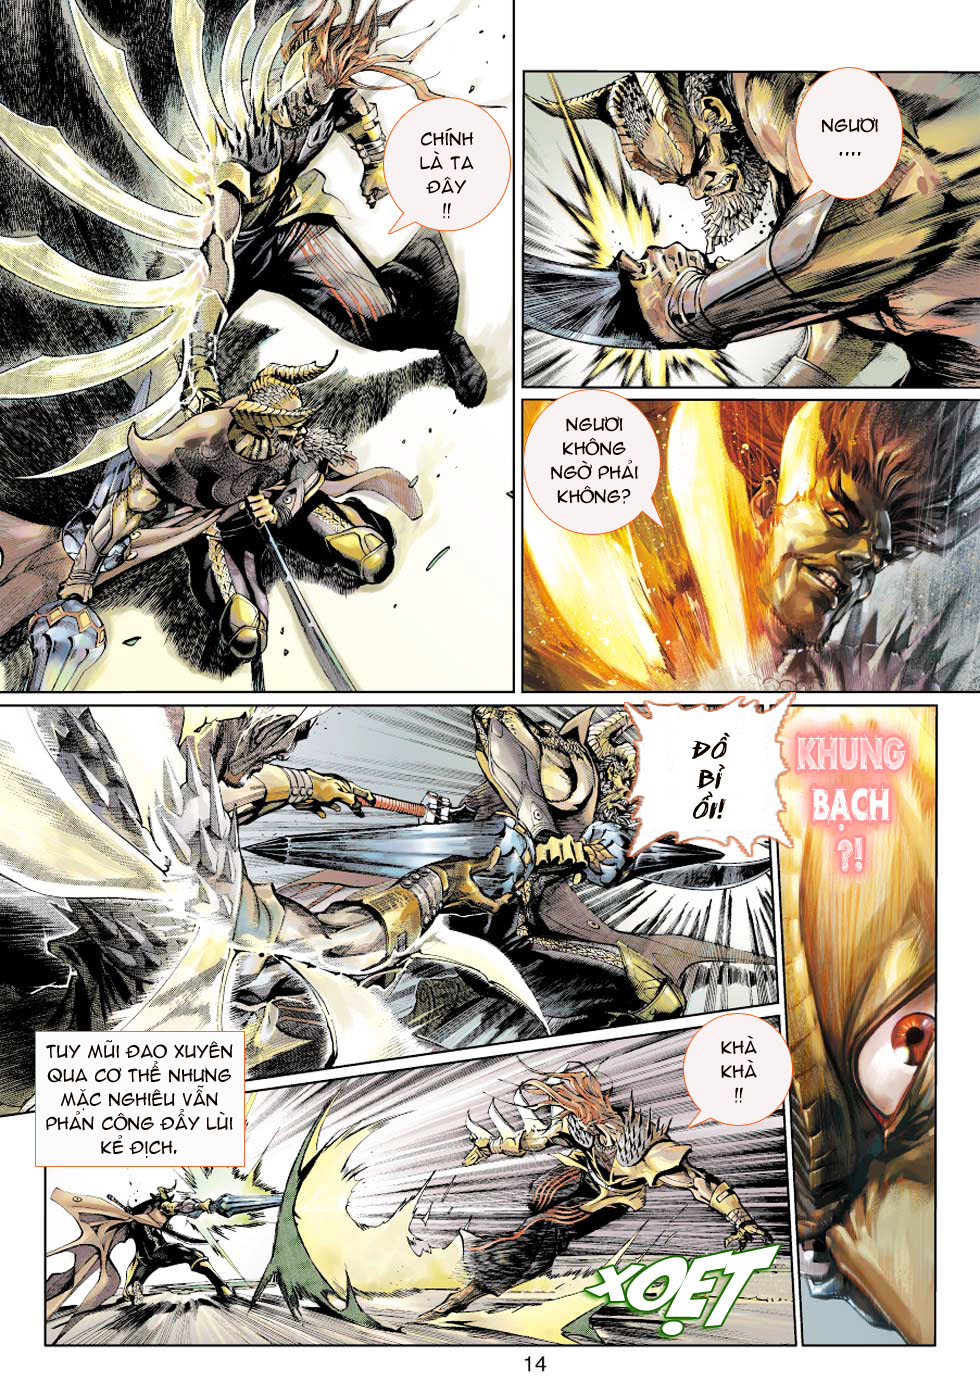 Thần Binh 4 chap 1 - Trang 14